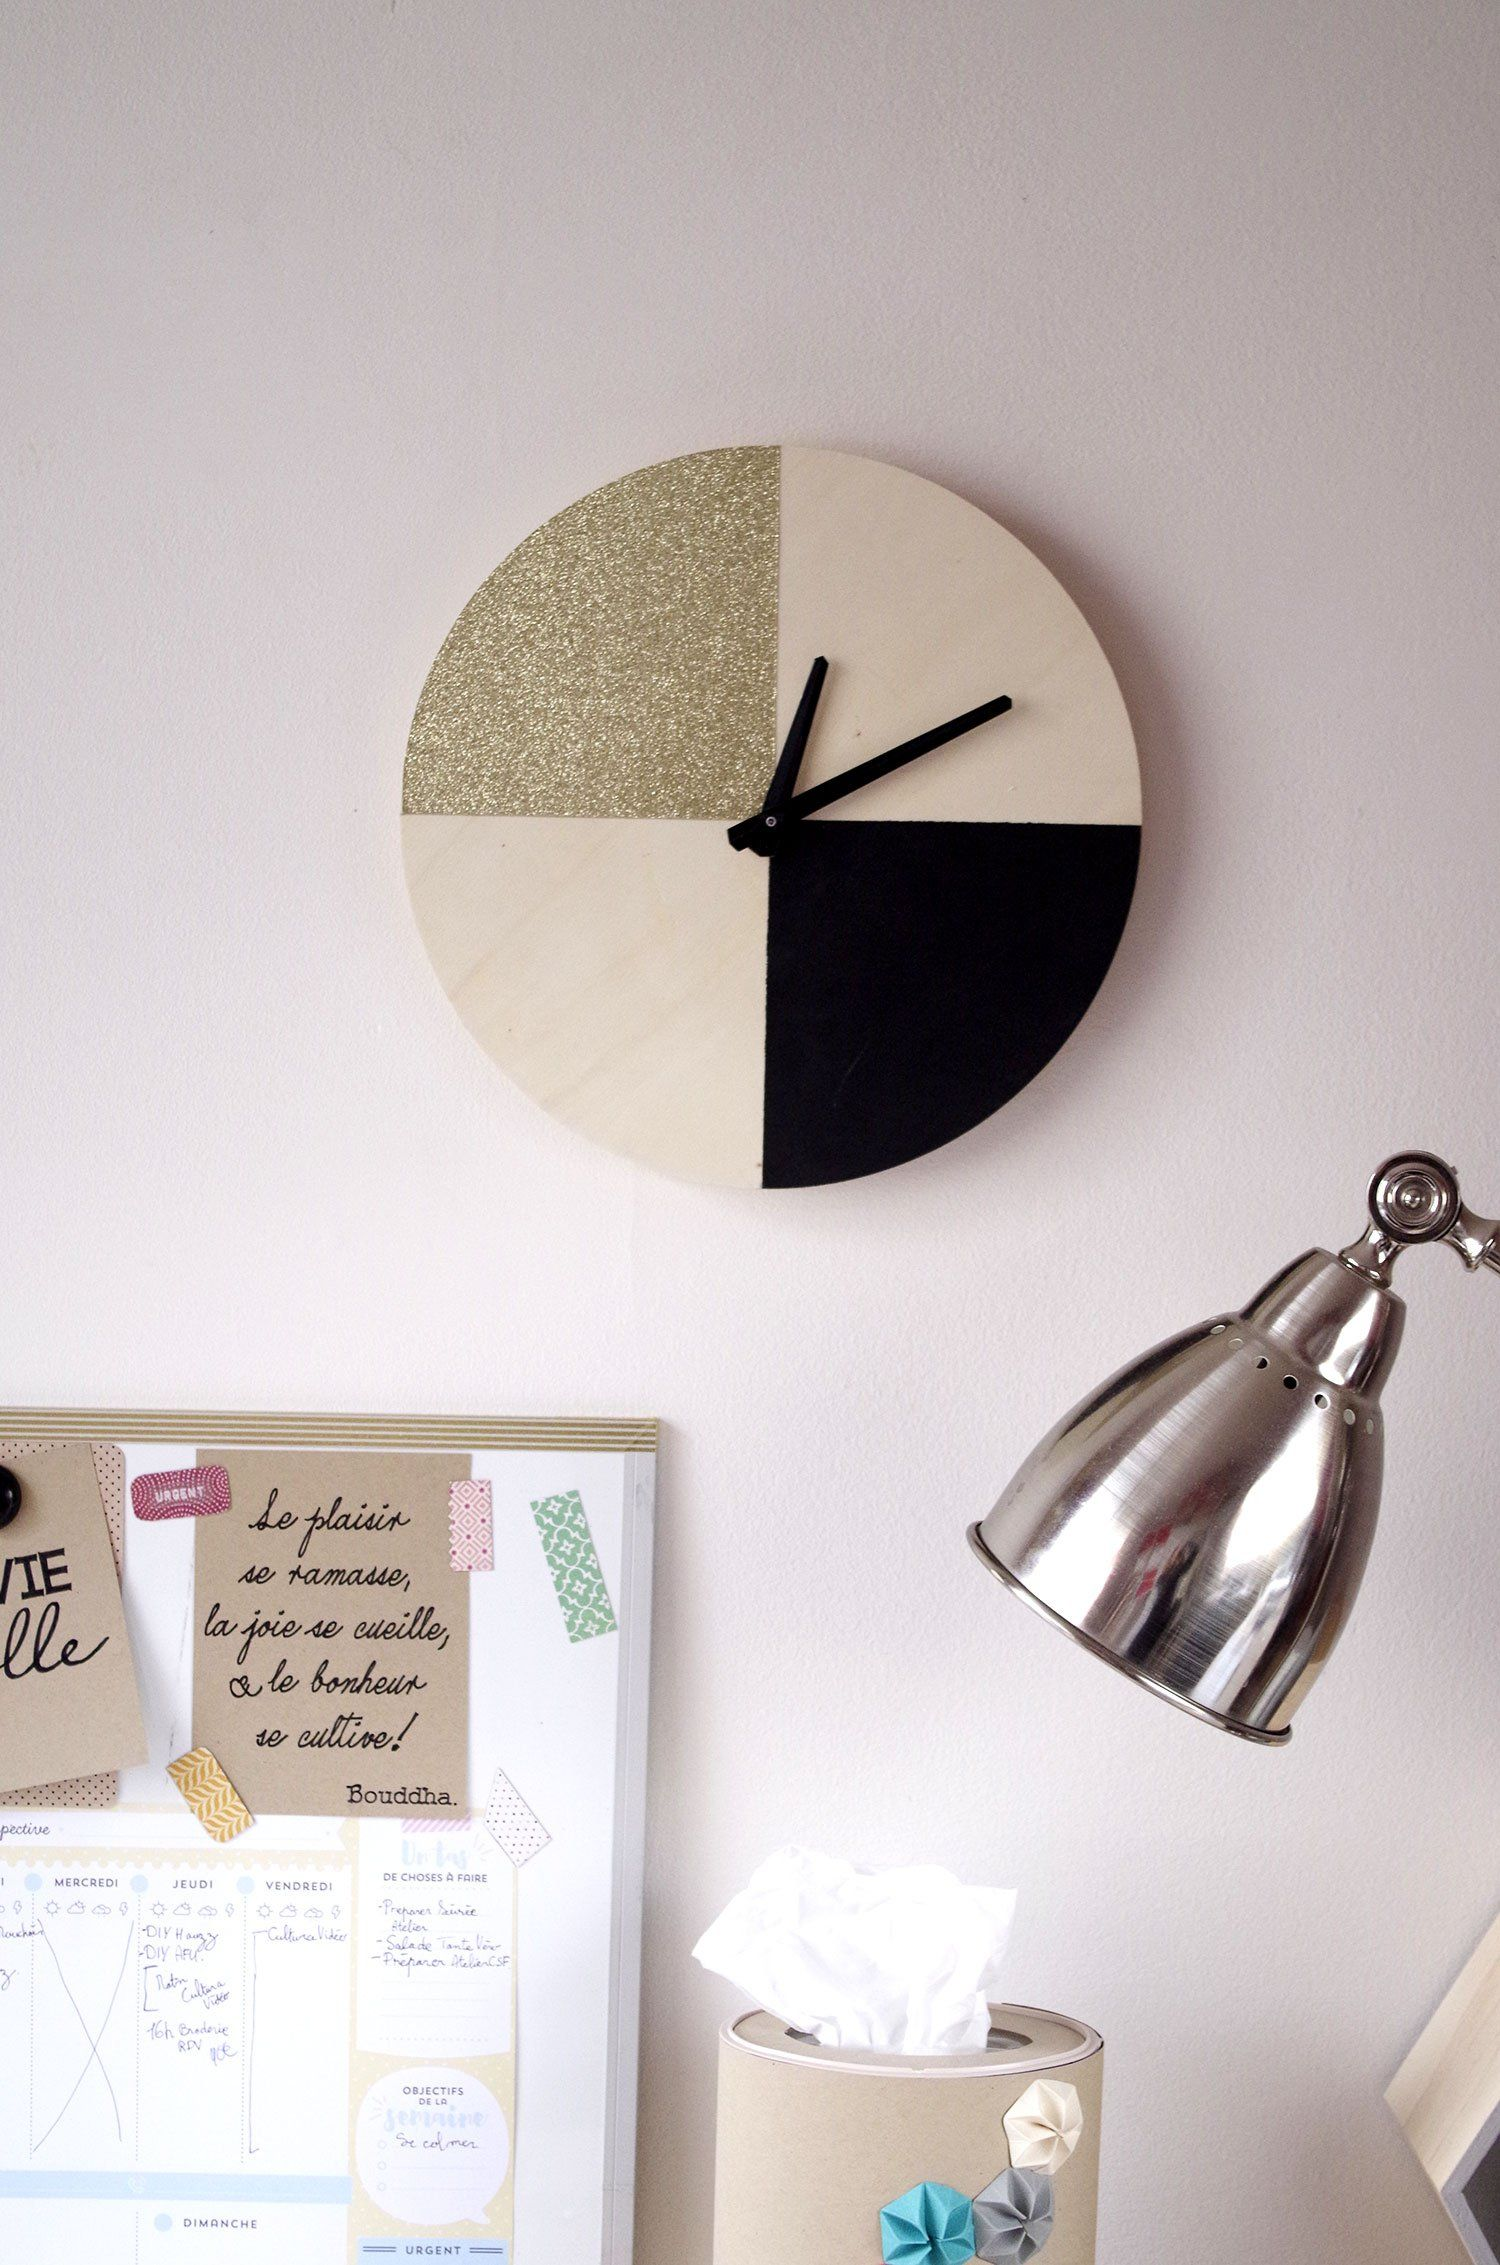 Nouveau Pack De 10 faites votre propre Quartz Horloge Kit School Club Project Art Craft Design